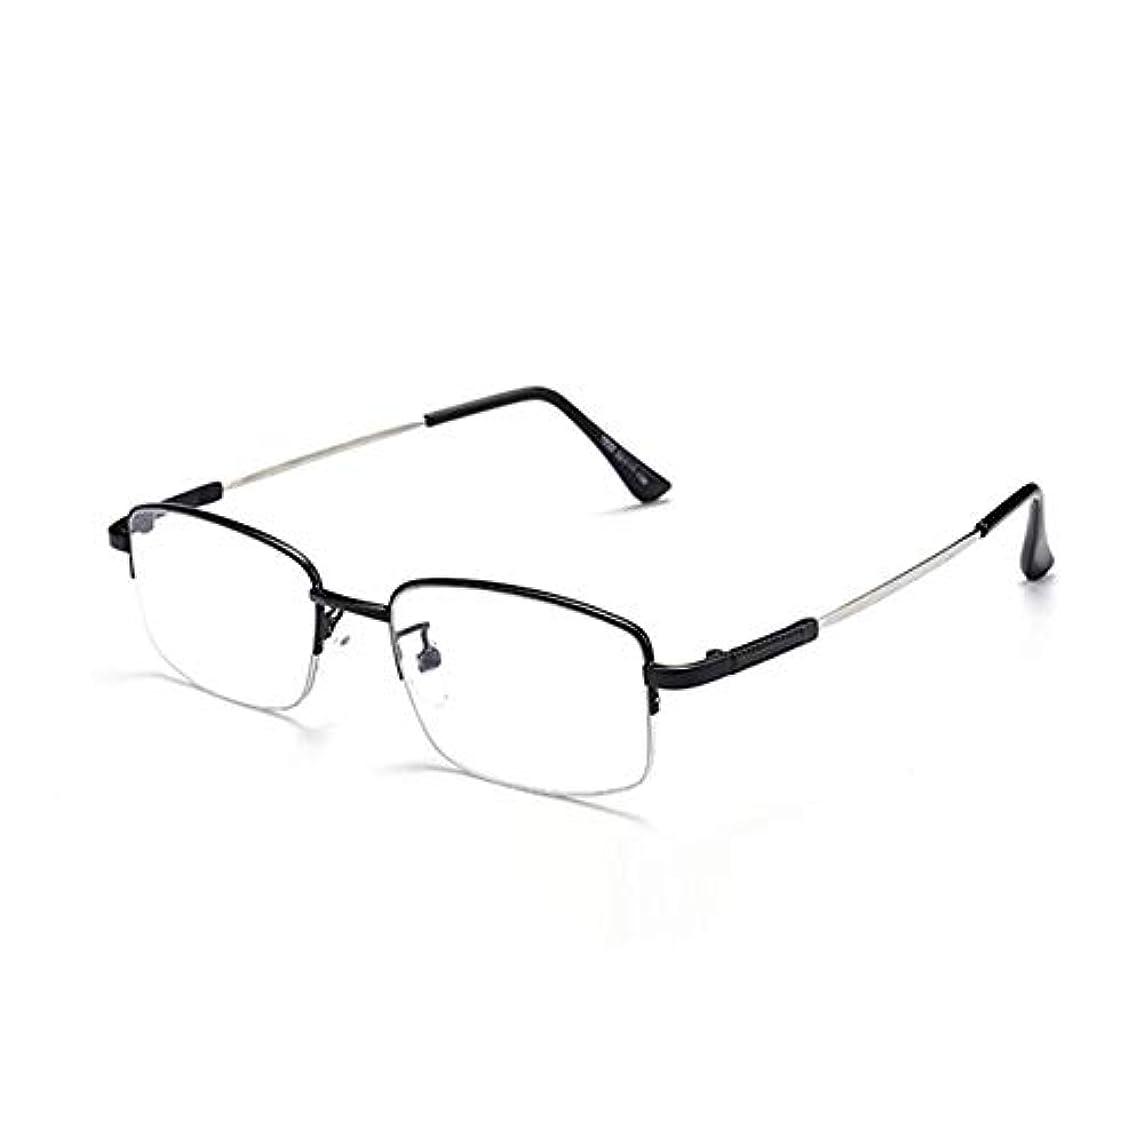 アラームからかう神秘的な老眼鏡1.50男性用および女性用のカードリーダー、ハーフフレームの長方形の金属製スプリングアームブラックリーダー、スマートズーム、アンチブルーライト